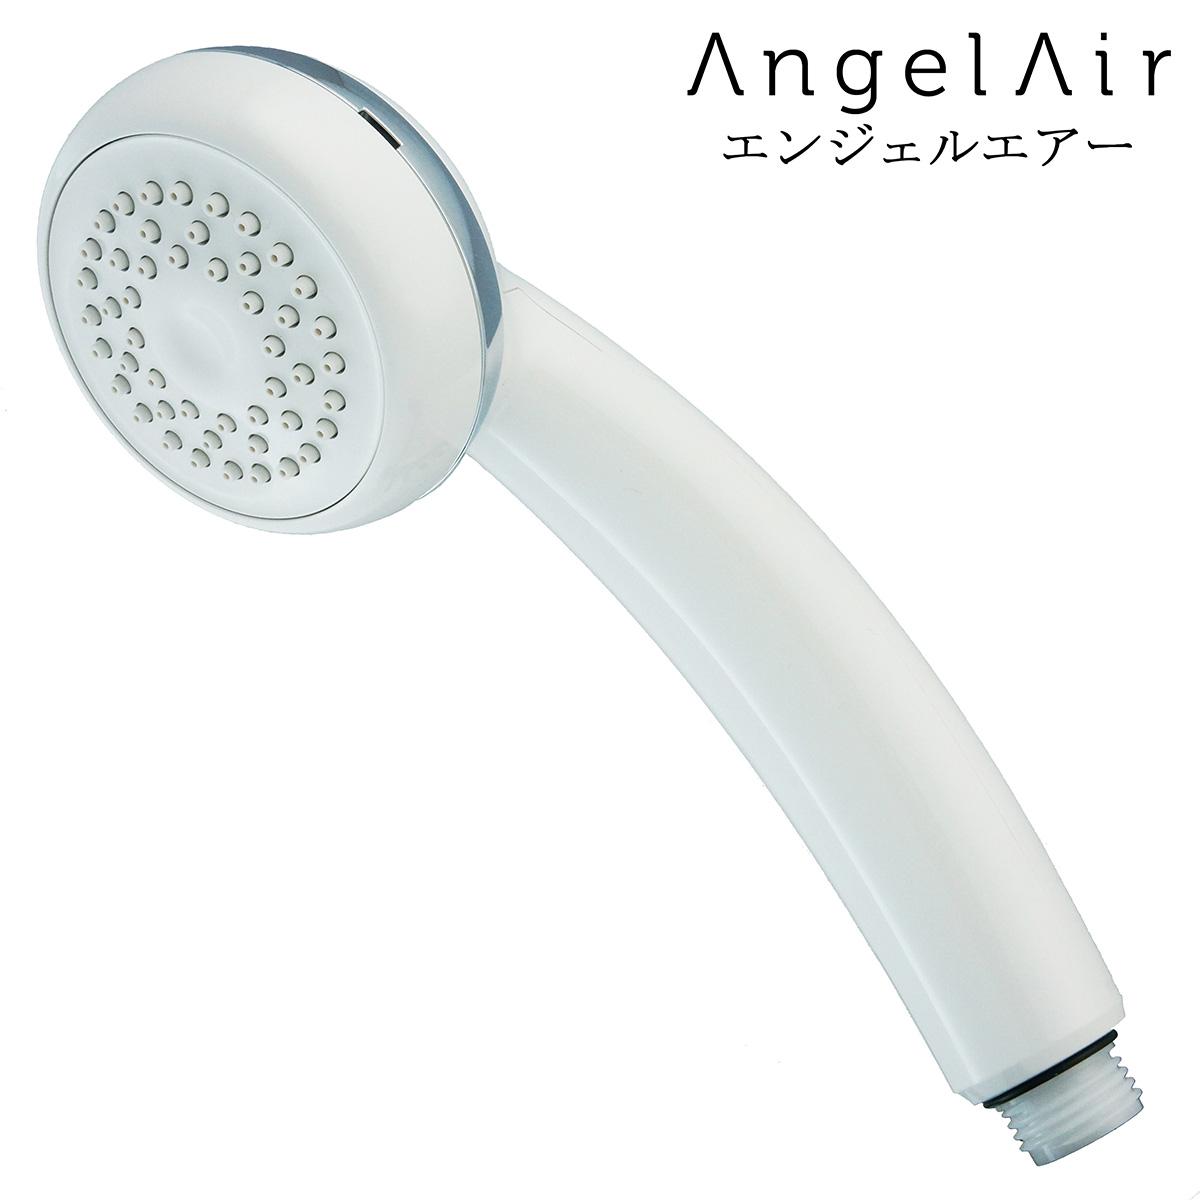 【ふるさと納税】「先着100セット『オリジナルボールペン付』!」節水シャワーヘッド AngelAir Watersaving ホワイト TH-009